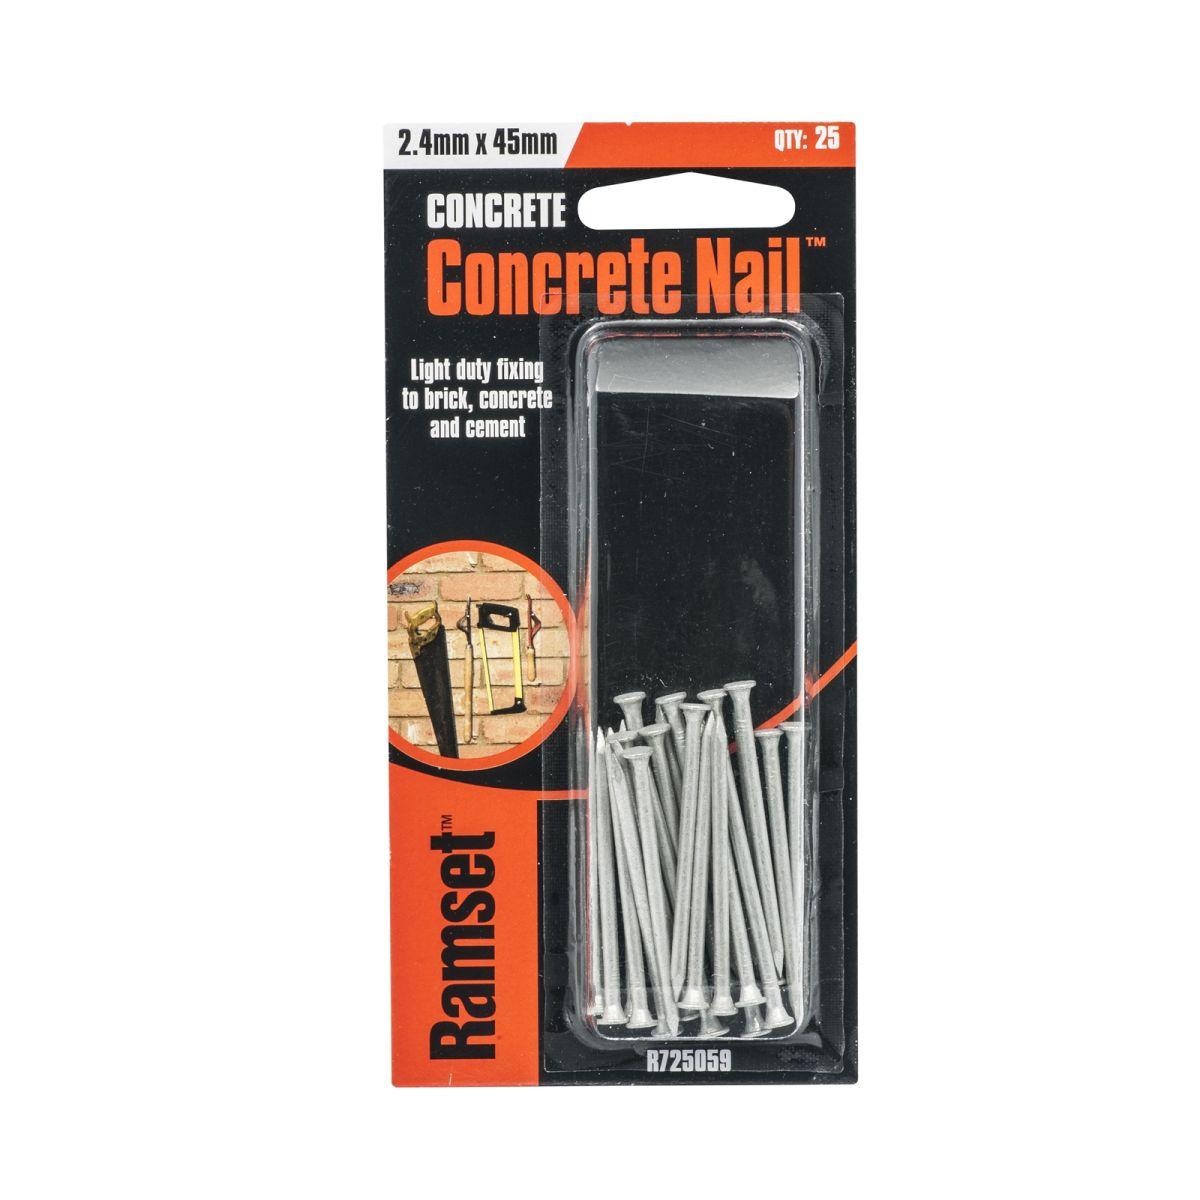 Ramset Concrete Nail